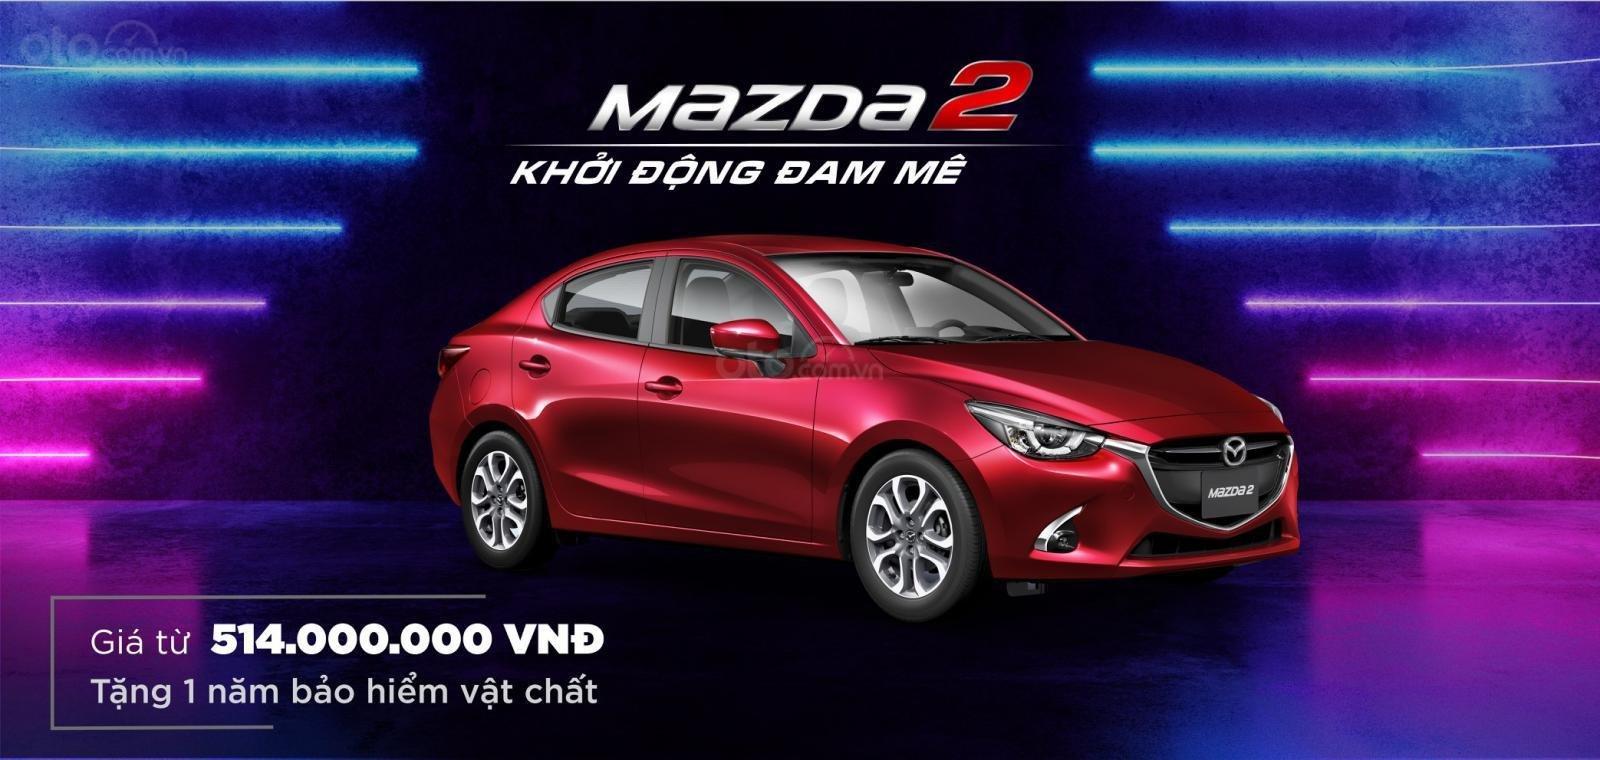 Bán xe Mazda CX 5 sản xuất 2019, màu đỏ tại Mazda Phạm Văn Đồng-1